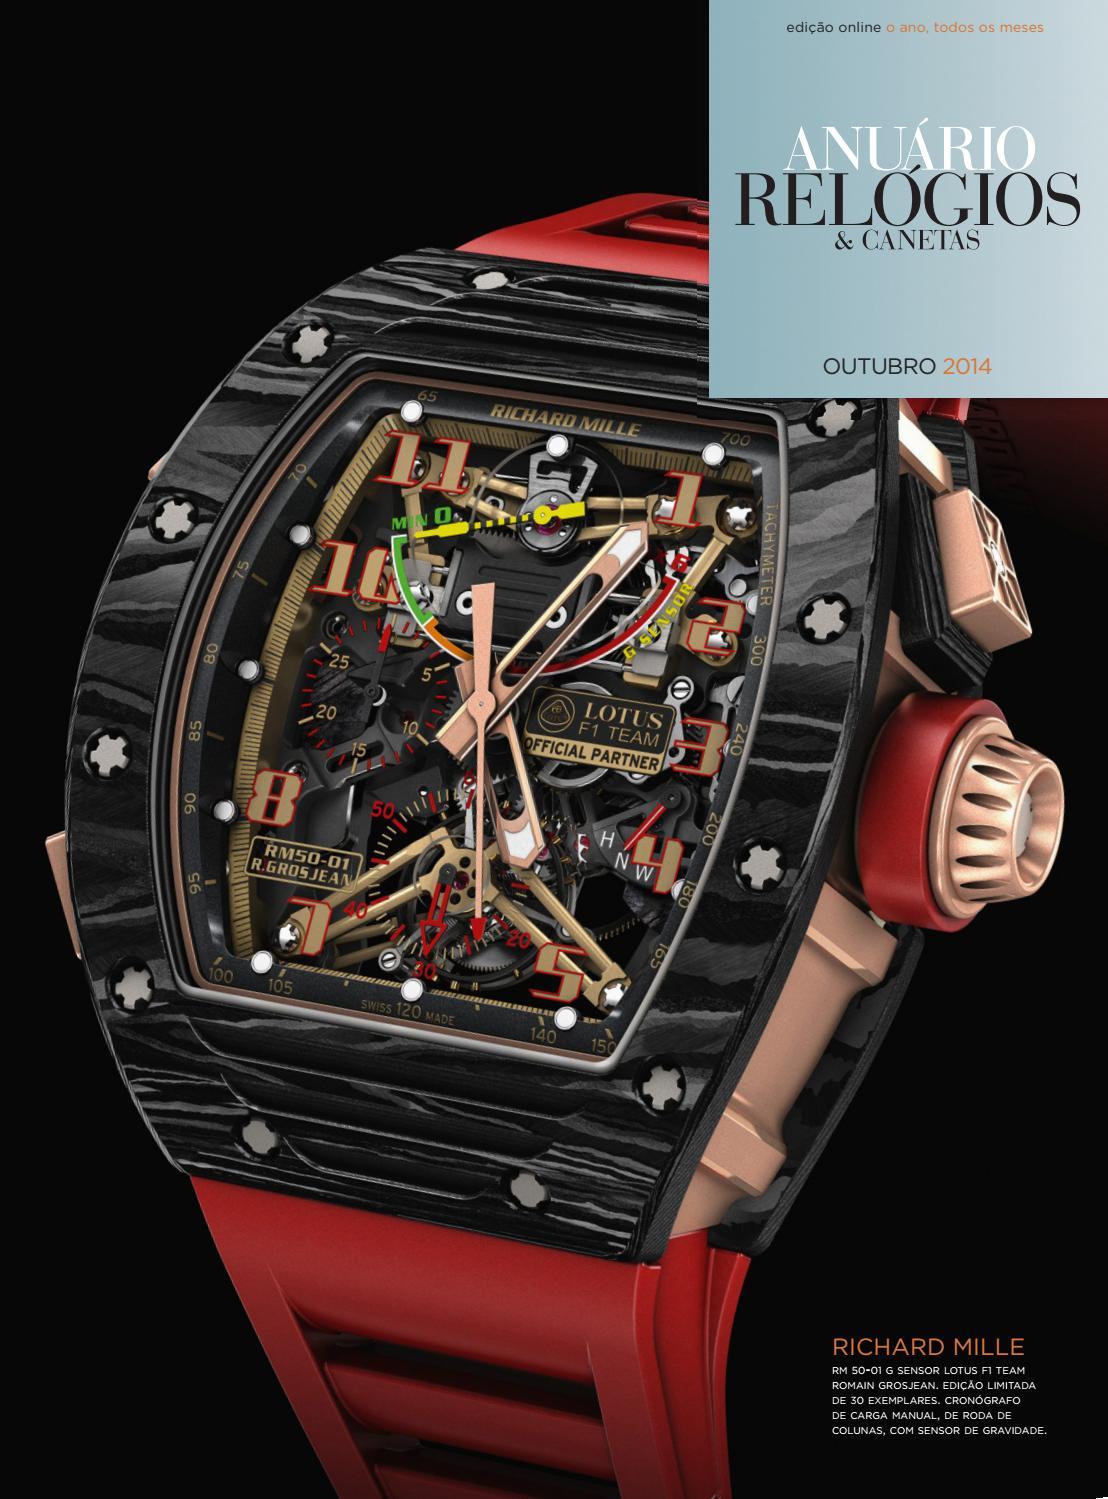 55fd9639ded Anuário Relógios   Canetas - Outubro 2014 by Anuário Relógios   Canetas -  issuu